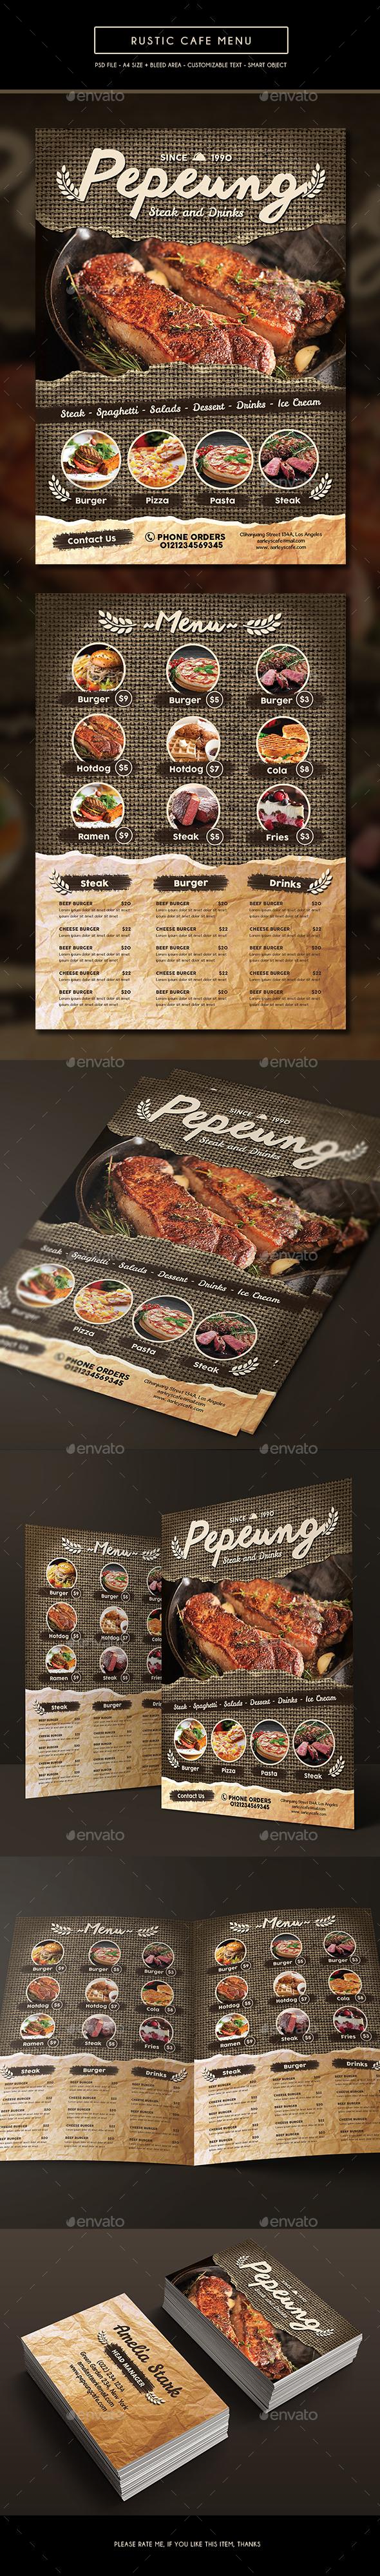 Rustic Cafe Menu - Food Menus Print Templates